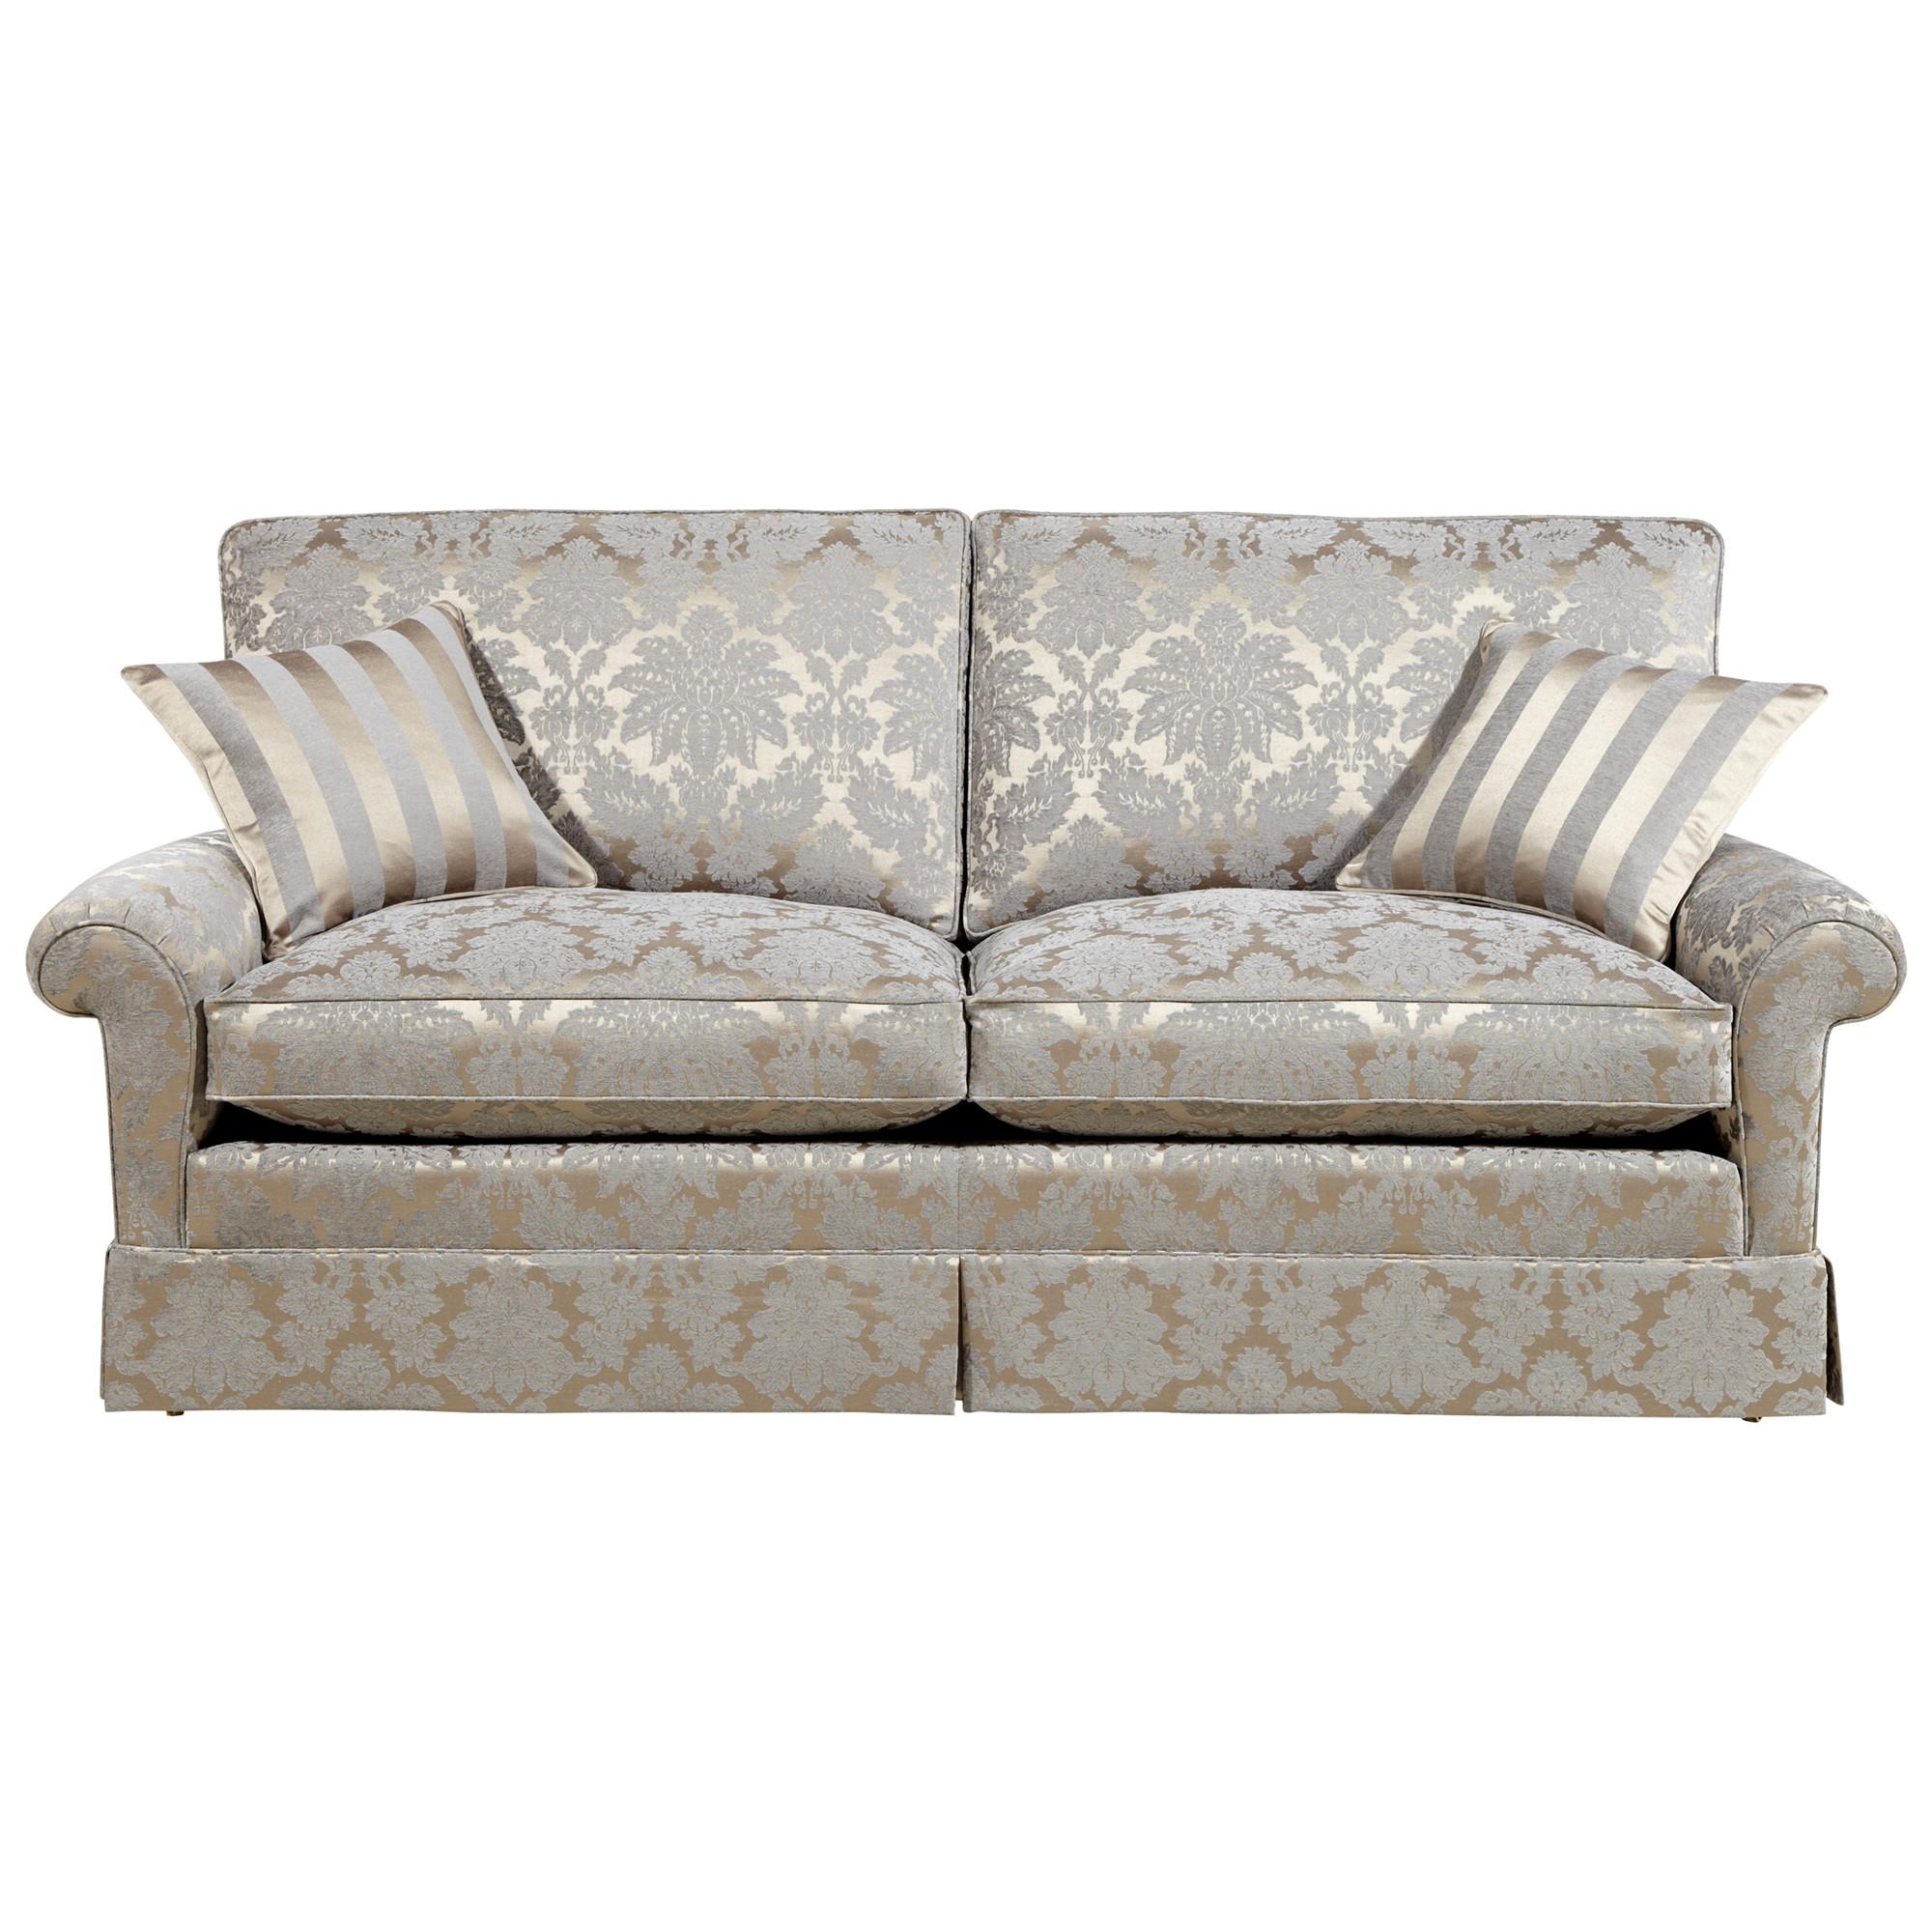 Duresta Woburn Large Sofa Oscar Silver By John Lewis